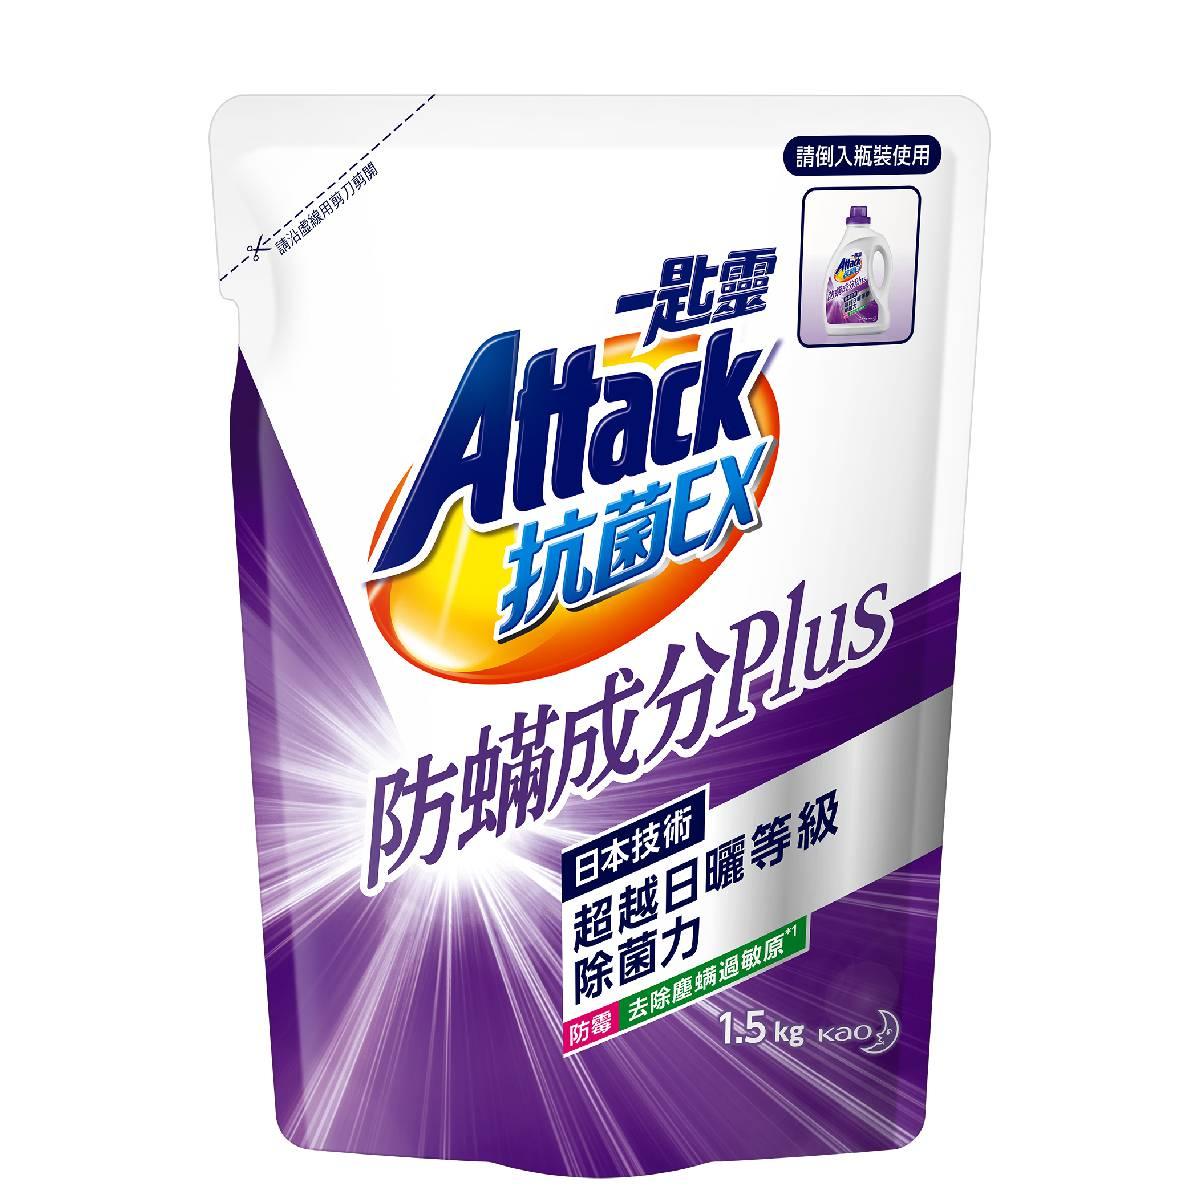 一匙靈抗菌EX防螨成分PLUS洗衣精1.5kg